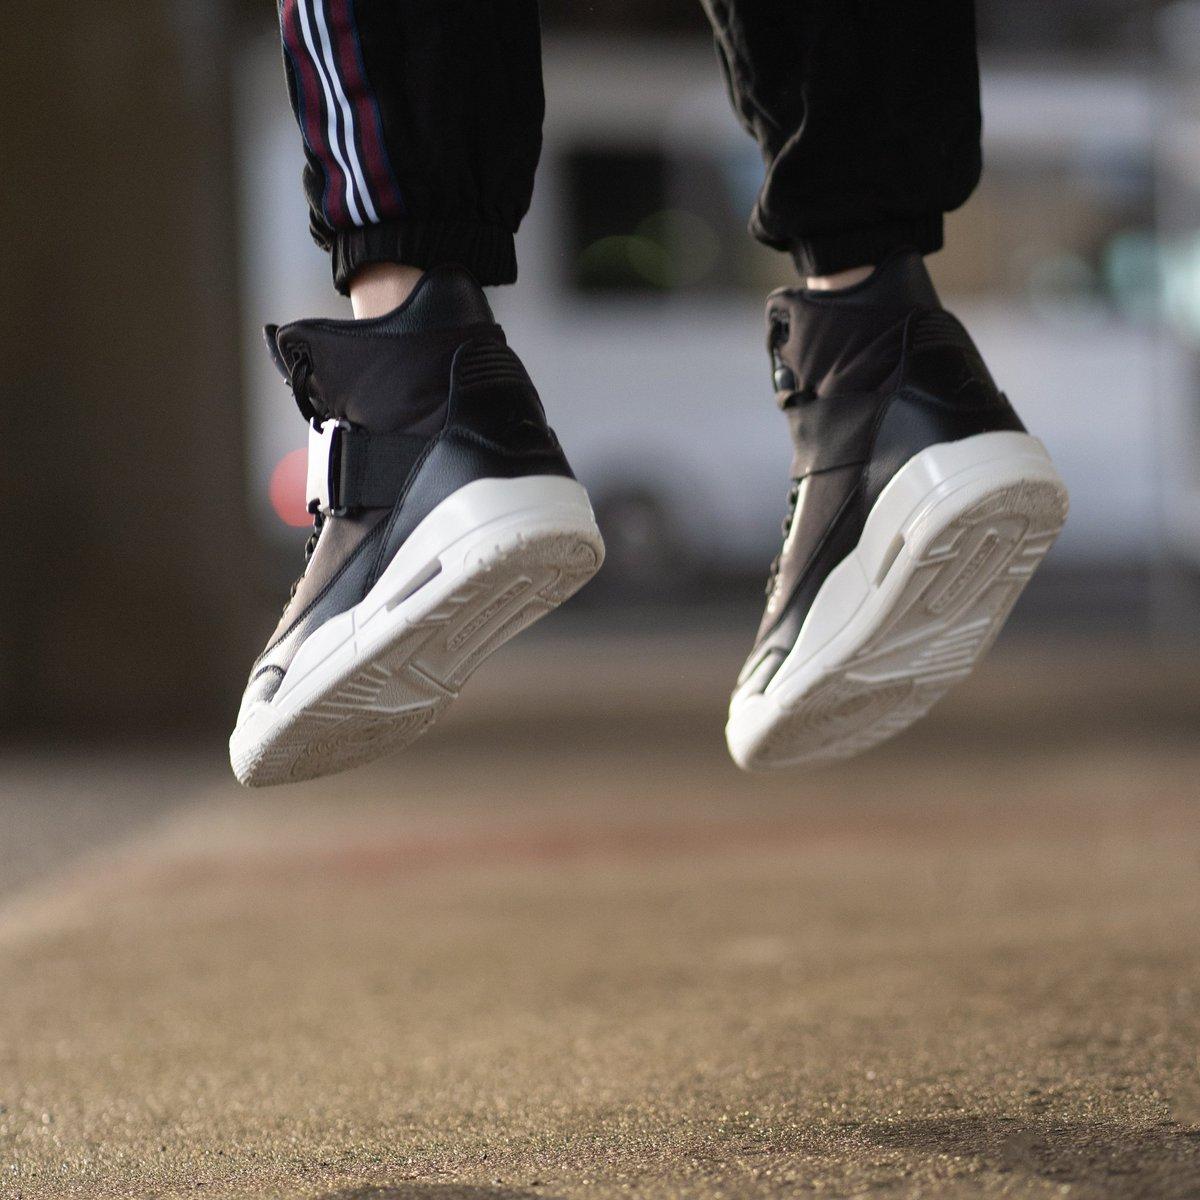 00d6d10c7812 GB S Sneaker Shop on Twitter